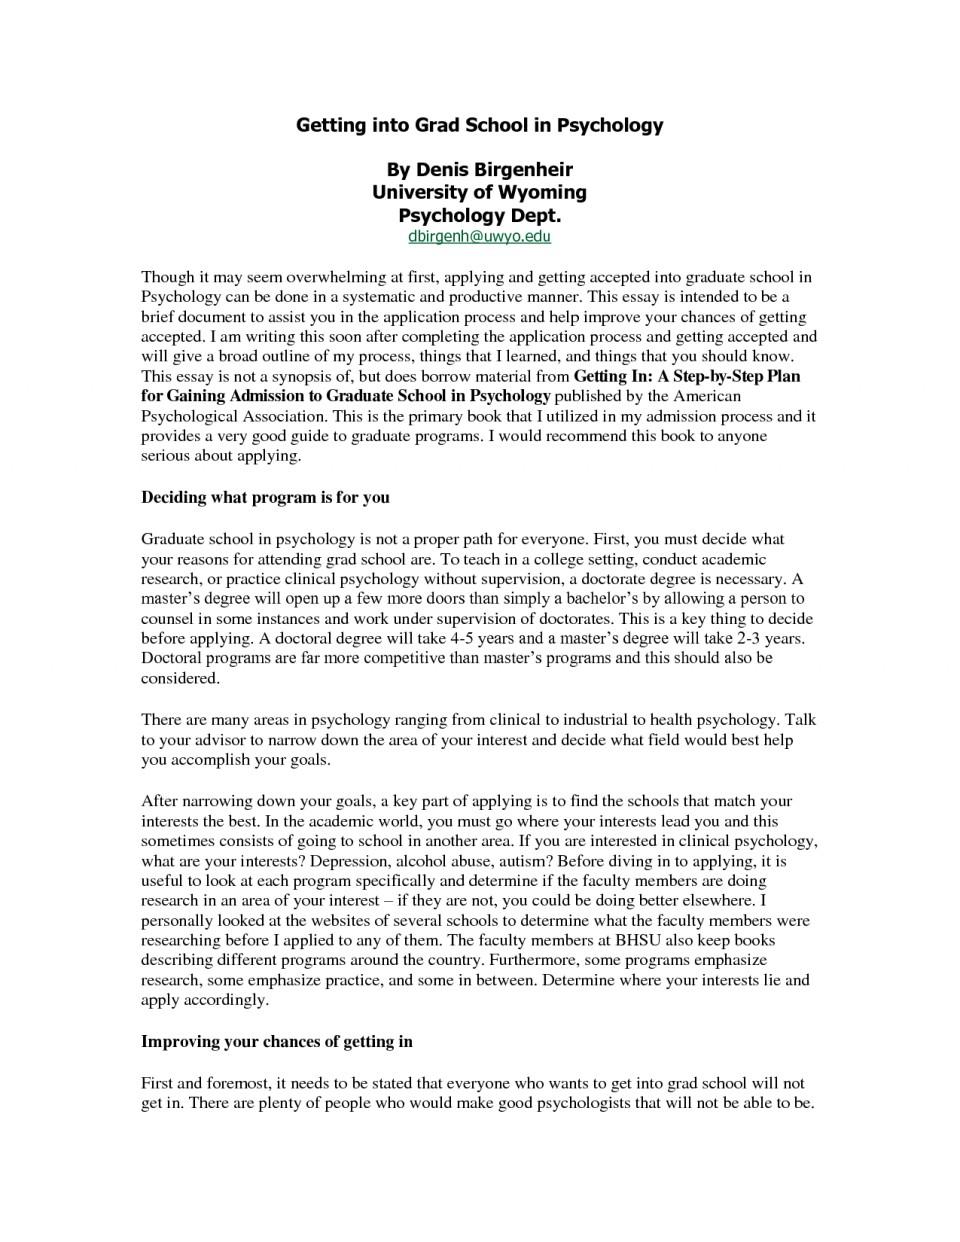 006 Duoejisf7u Essay Example Free Sample For Graduate School Formidable Admission Pdf 960